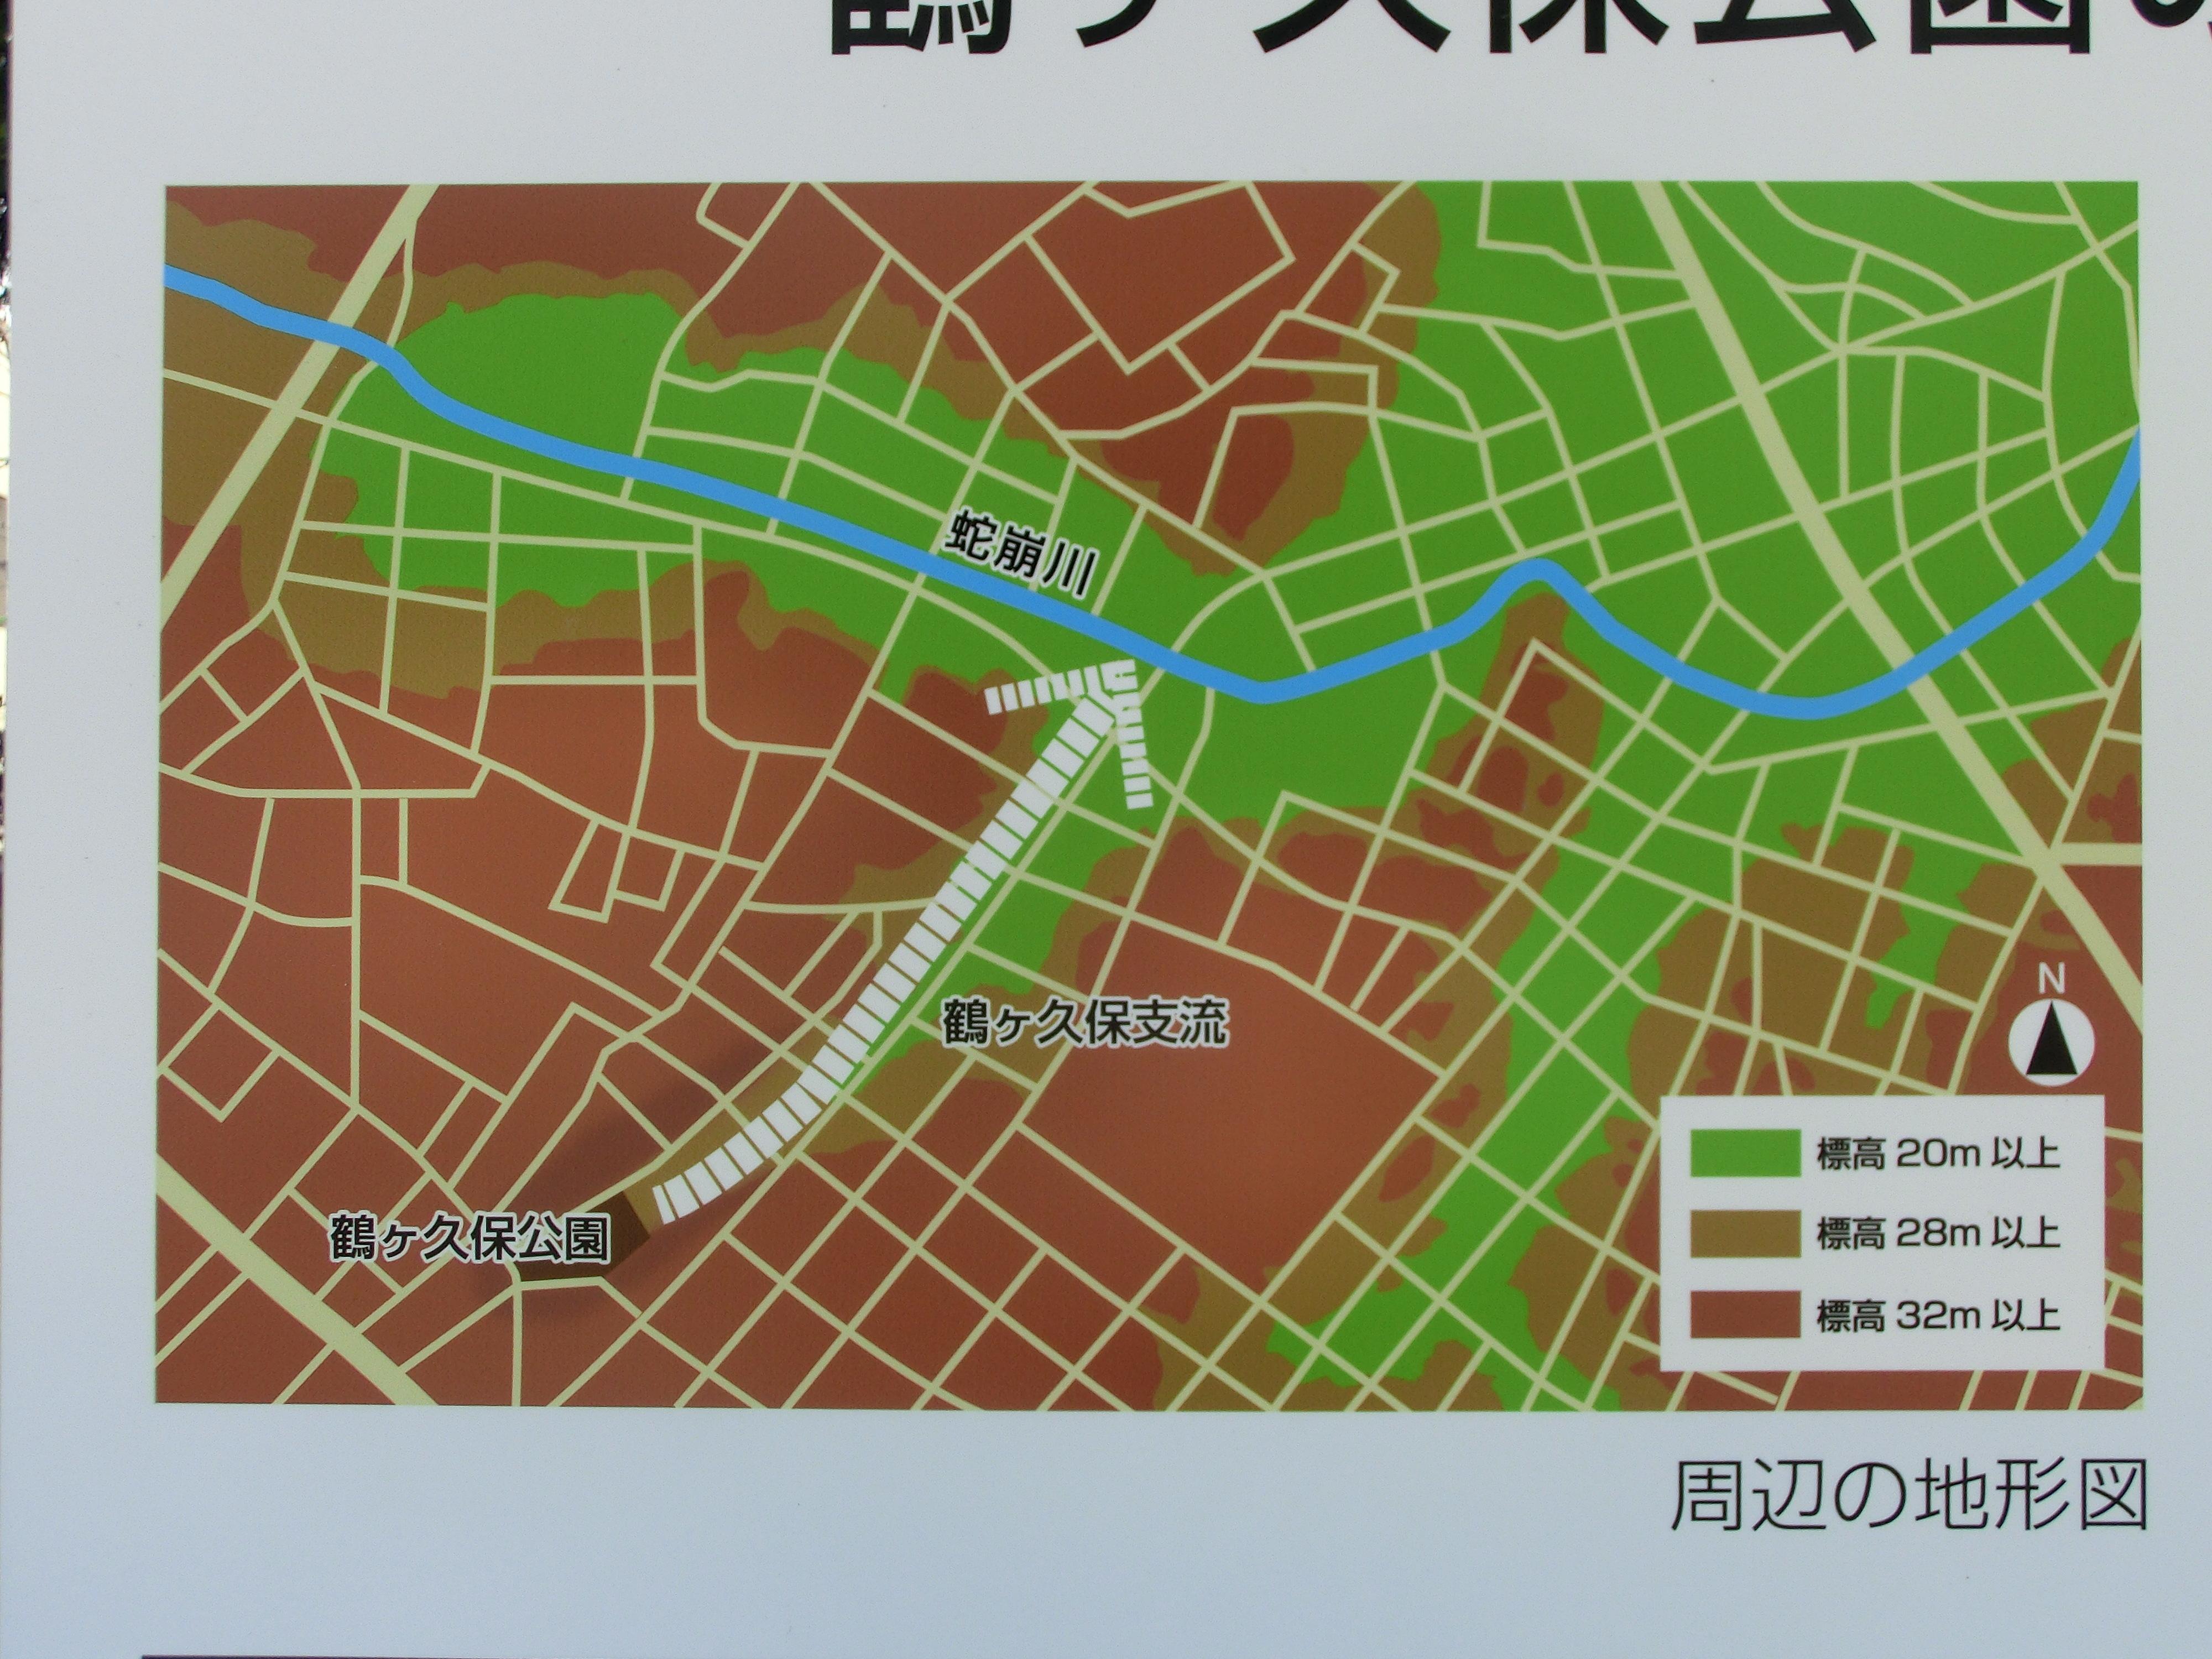 鶴ヶ久保公園 湧水説明版3 碑文谷・柿の木坂・野沢散策5